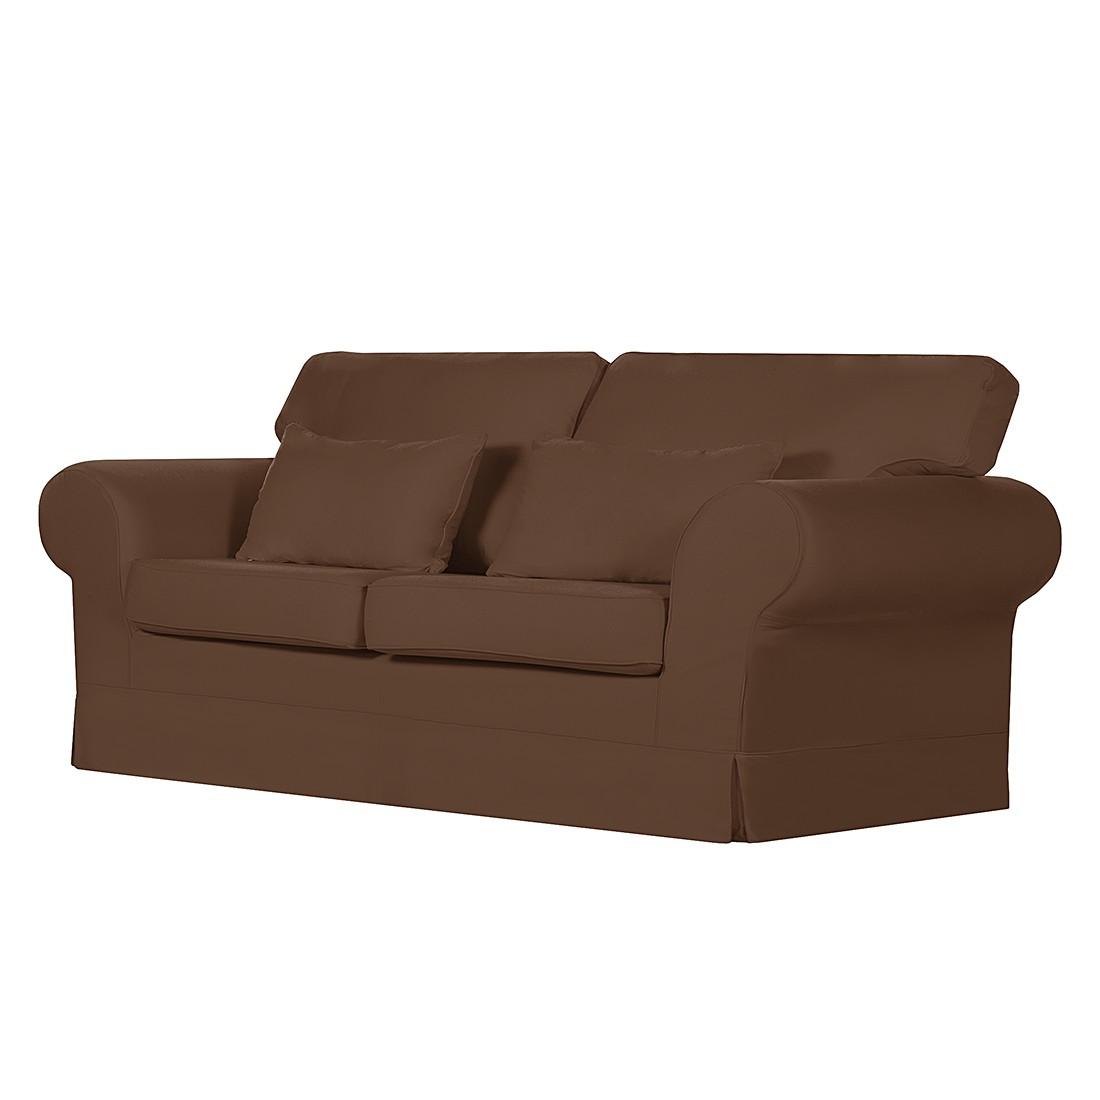 Sofa Bradford (3-Sitzer) – Baumwollstoff Braun, Maison Belfort günstig online kaufen